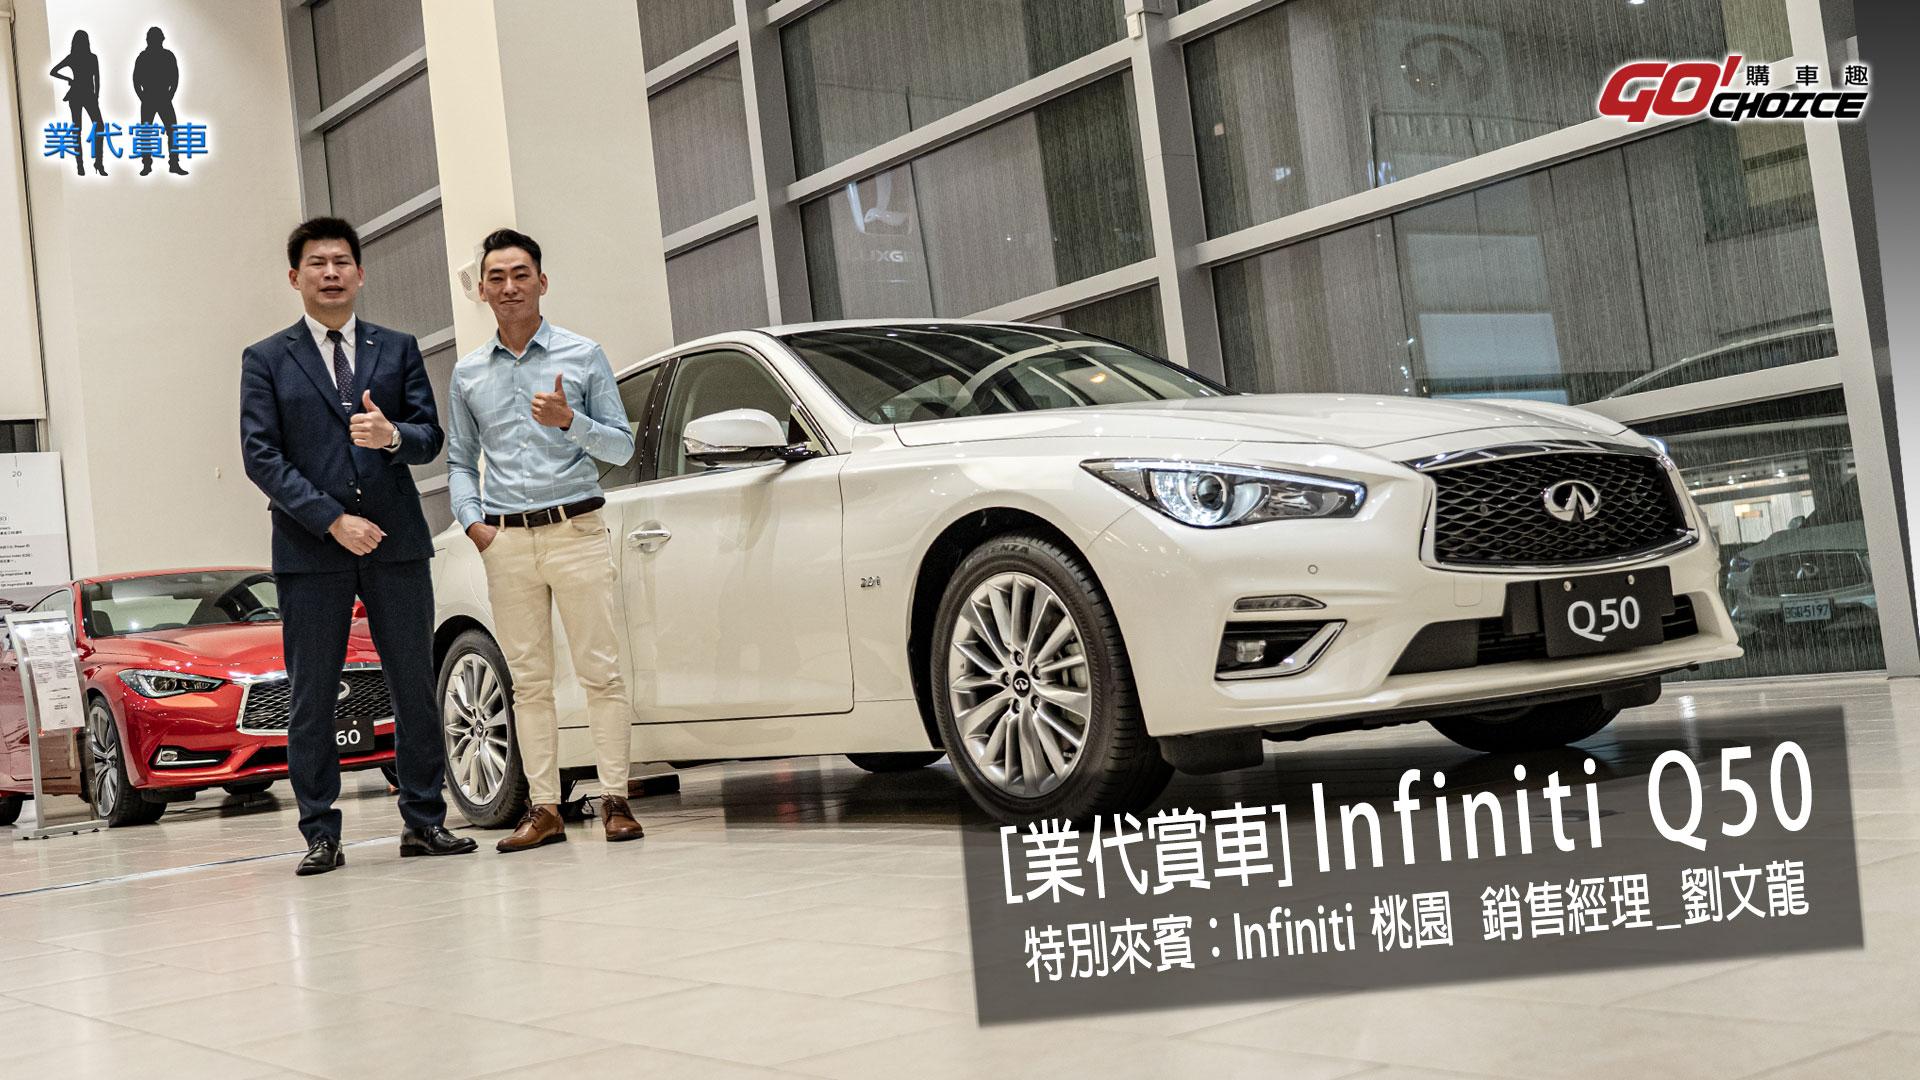 業代賞車-Infiniti Q50優雅豪華房車風範!銷售顧問-劉文龍